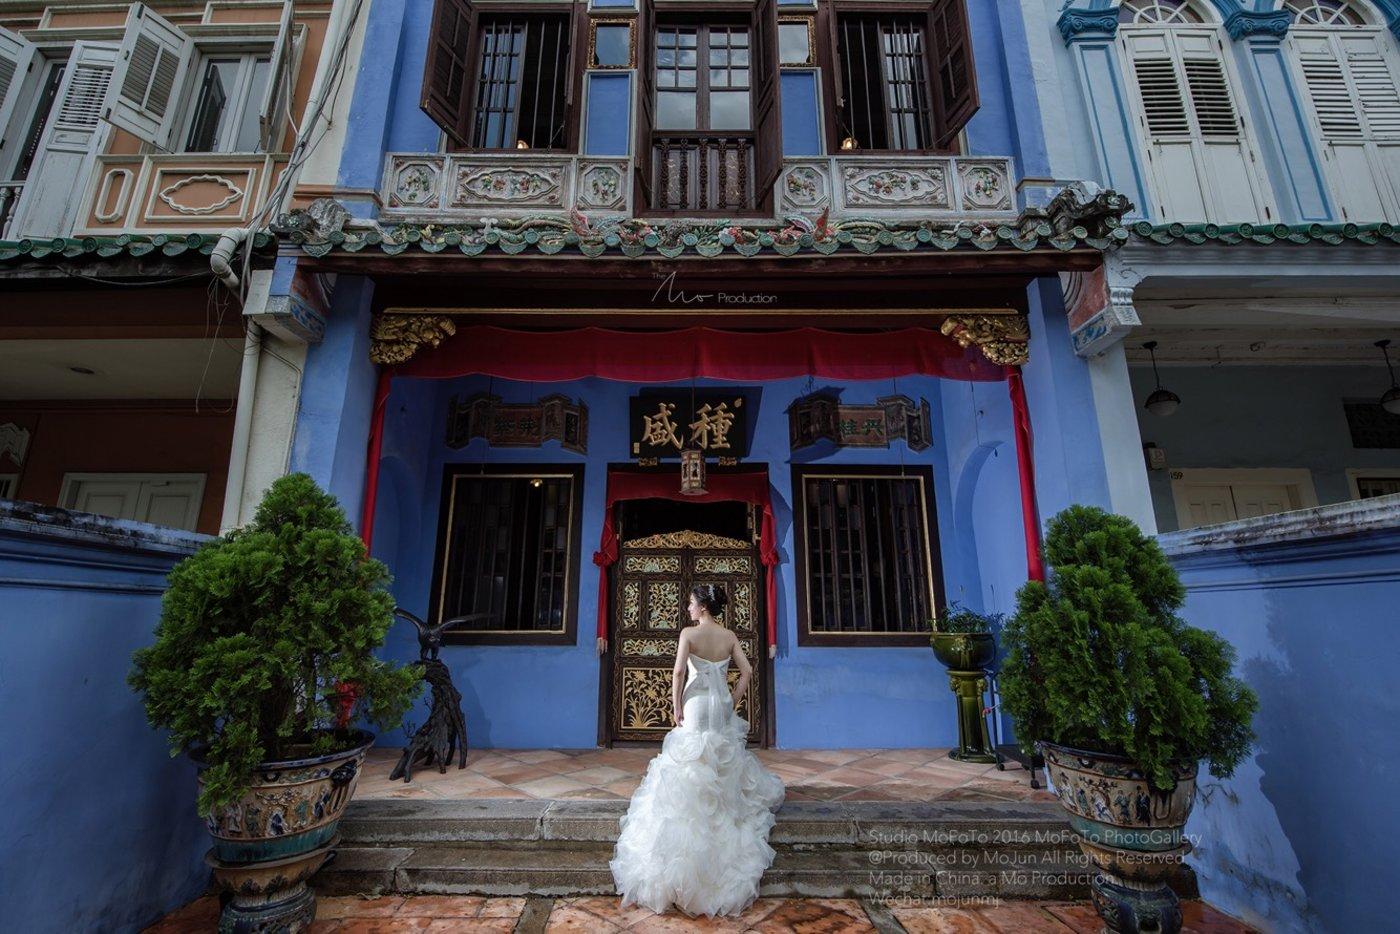 Mofoto 婚纱旅拍 新加坡5